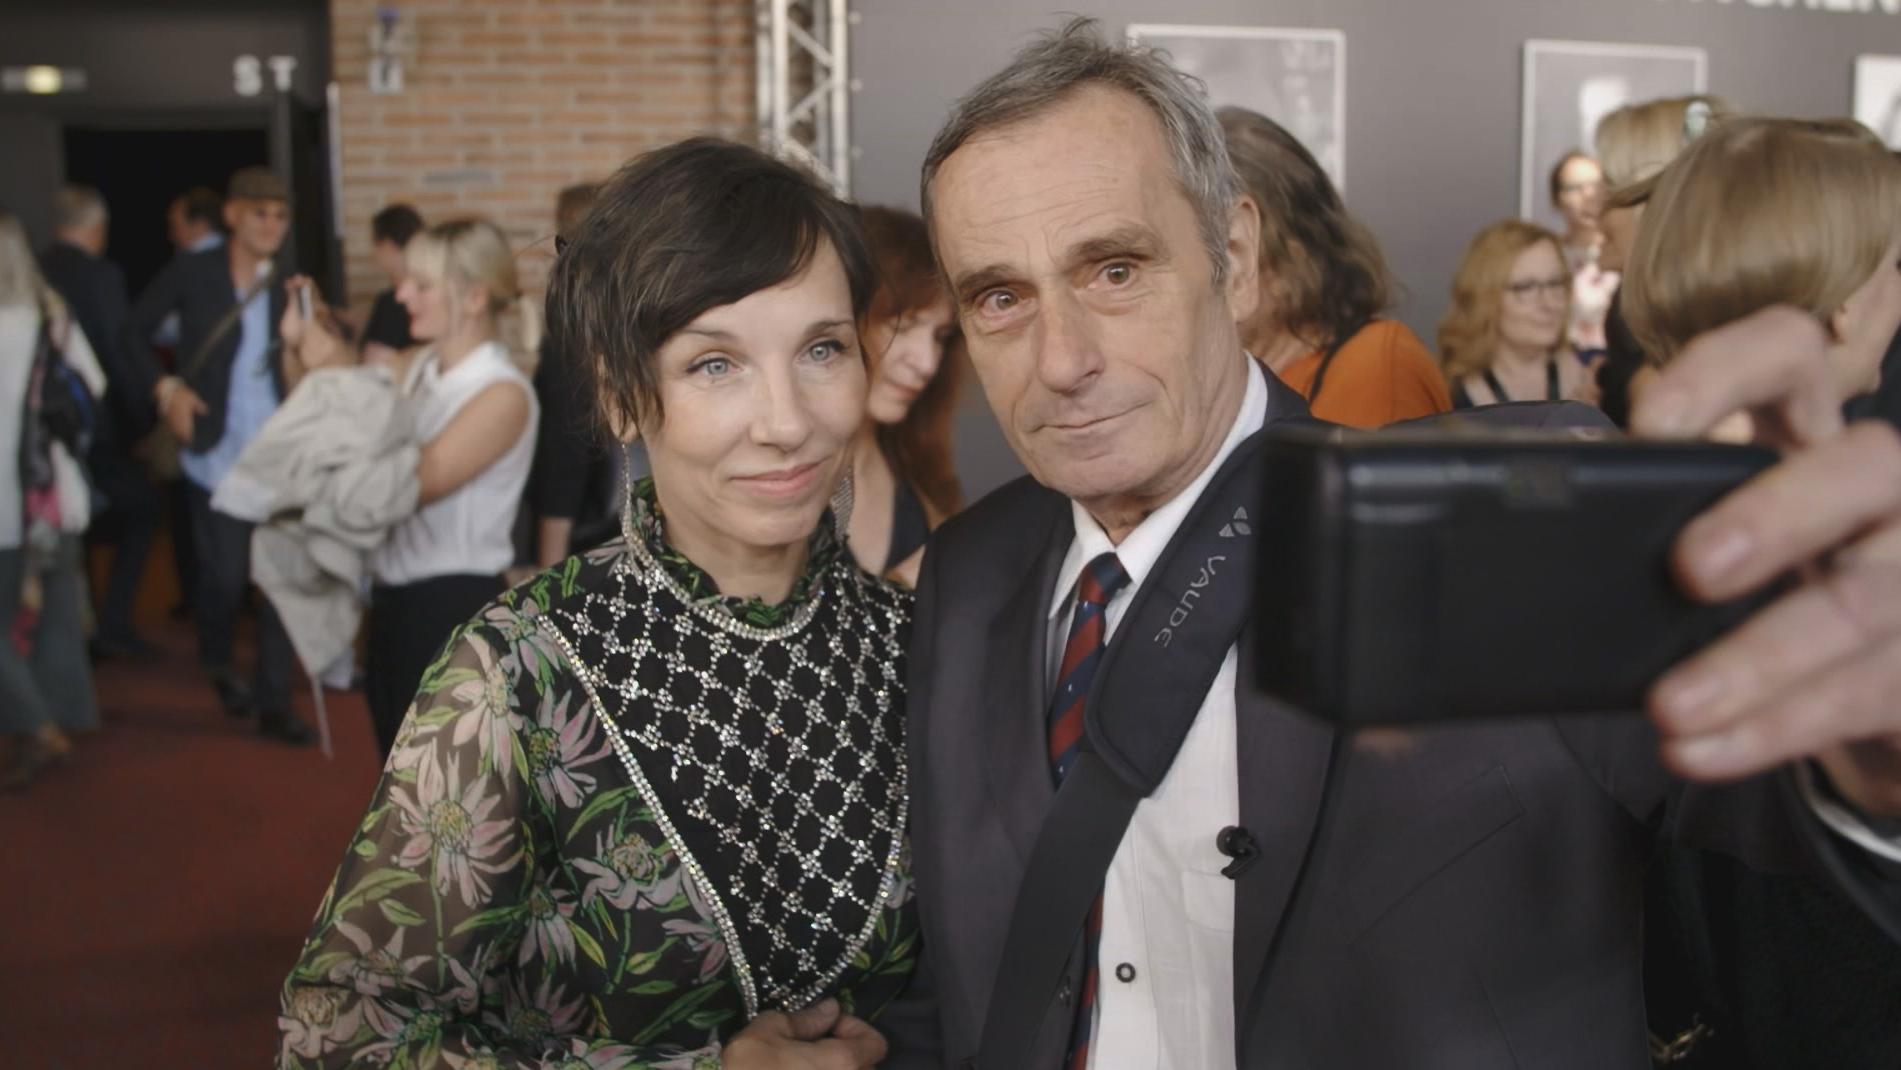 Selfie-Pionier Wolfgang Maier zusammen mit Meret Becker, in der Hand seine analoge Kleinbildkamera